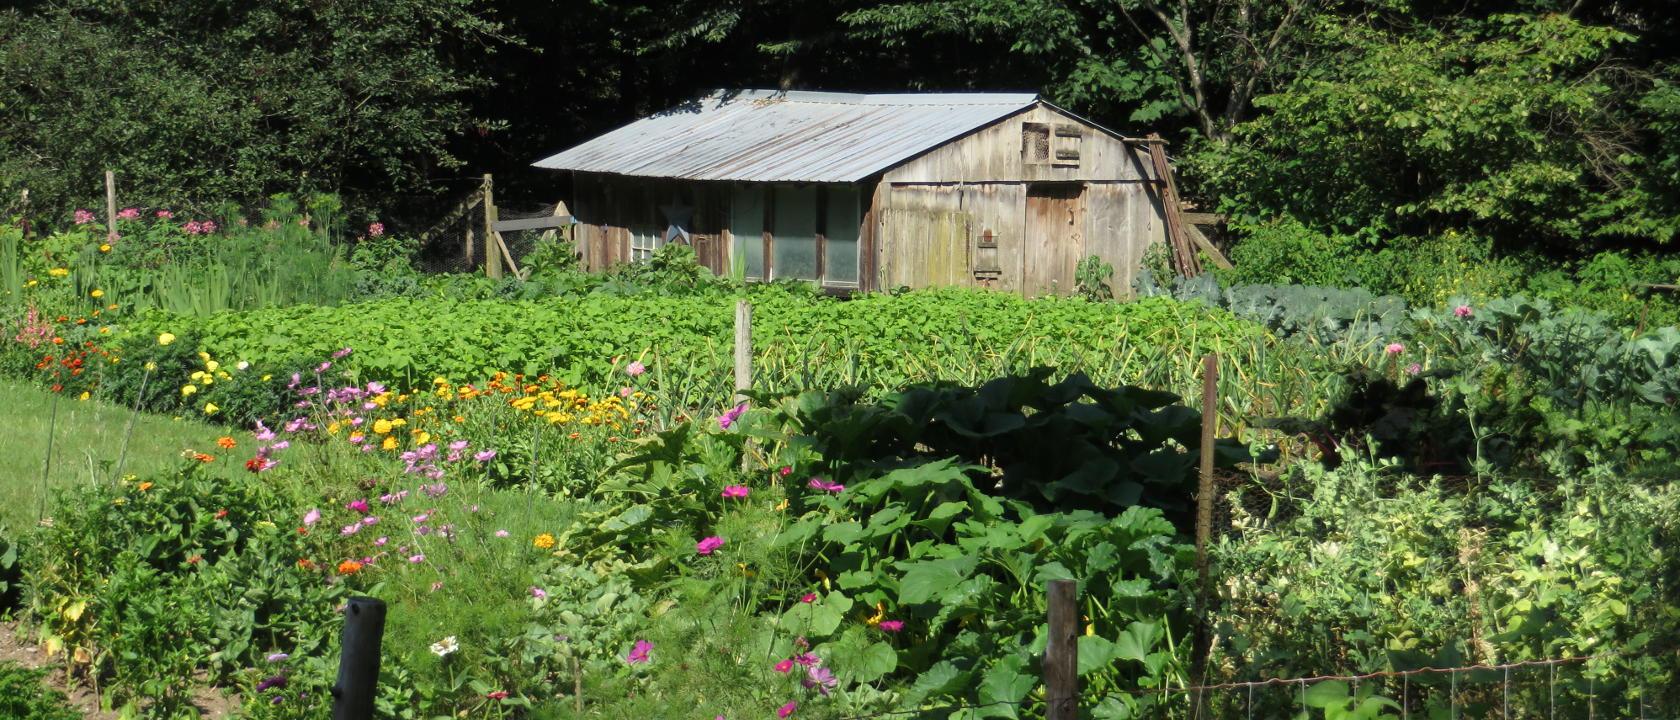 Uphill Farm in Rochester Vermont